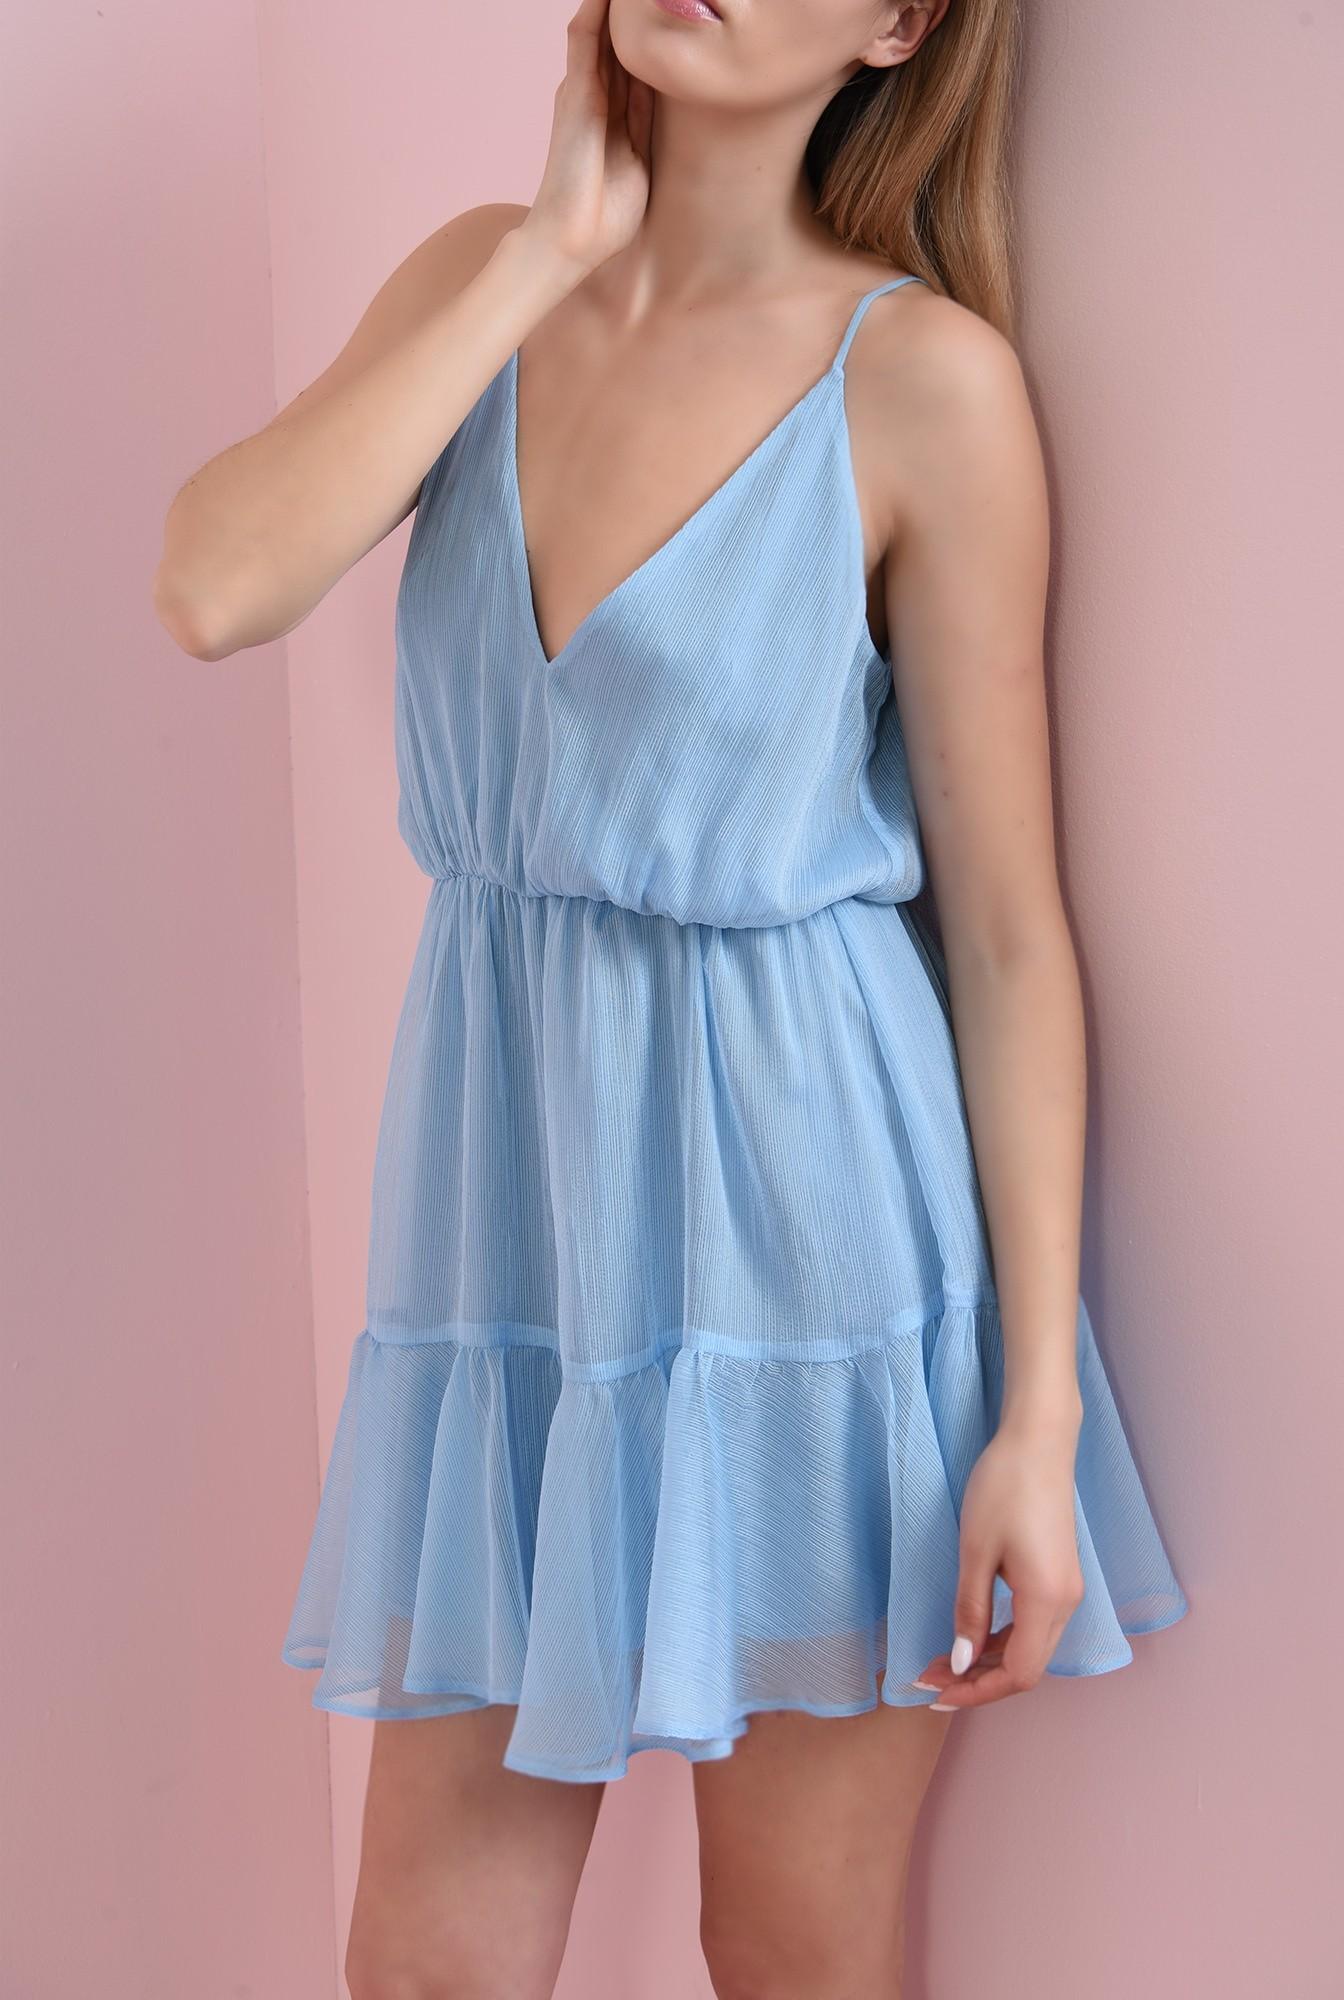 0 - 360 - rochie bleu, cu bretele, stransa la talie